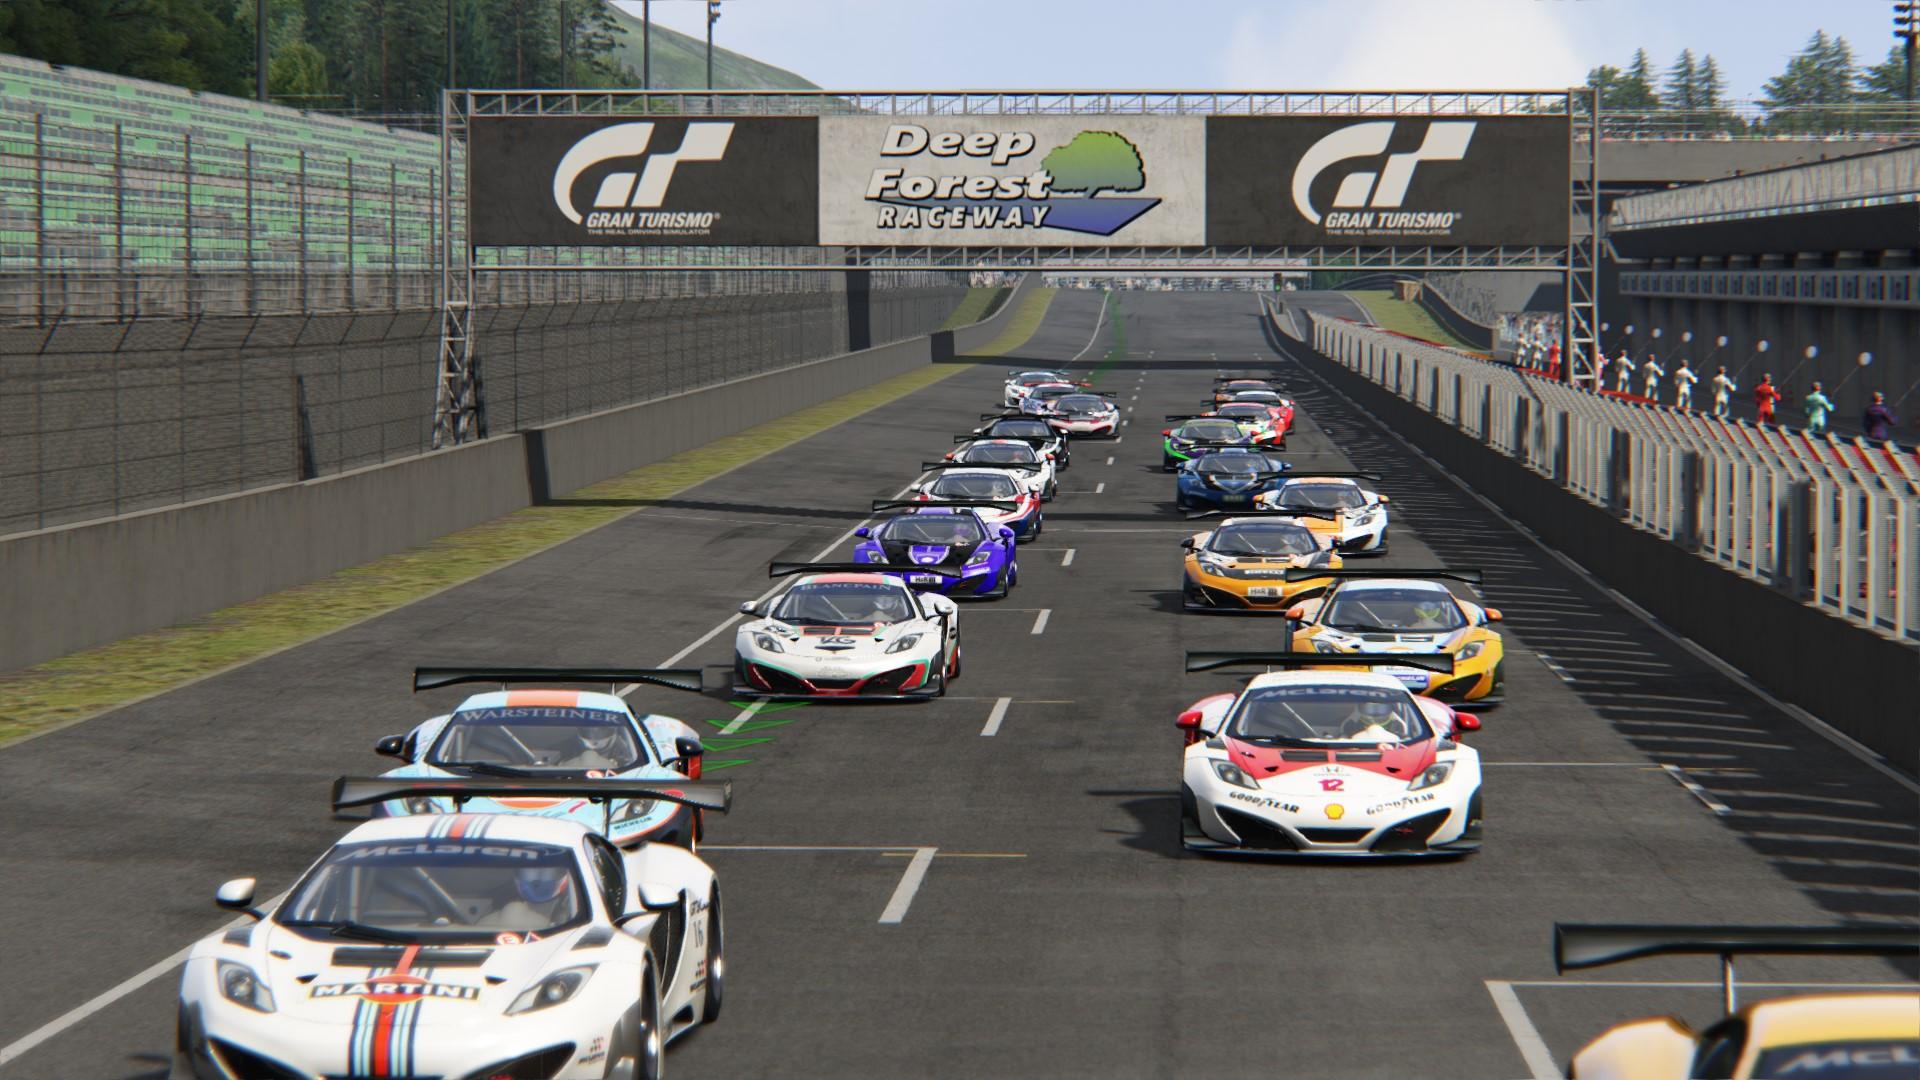 Screenshot_mclaren_mp412c_gt3_deepforest_raceway_1-6-120-22-16-58.jpg